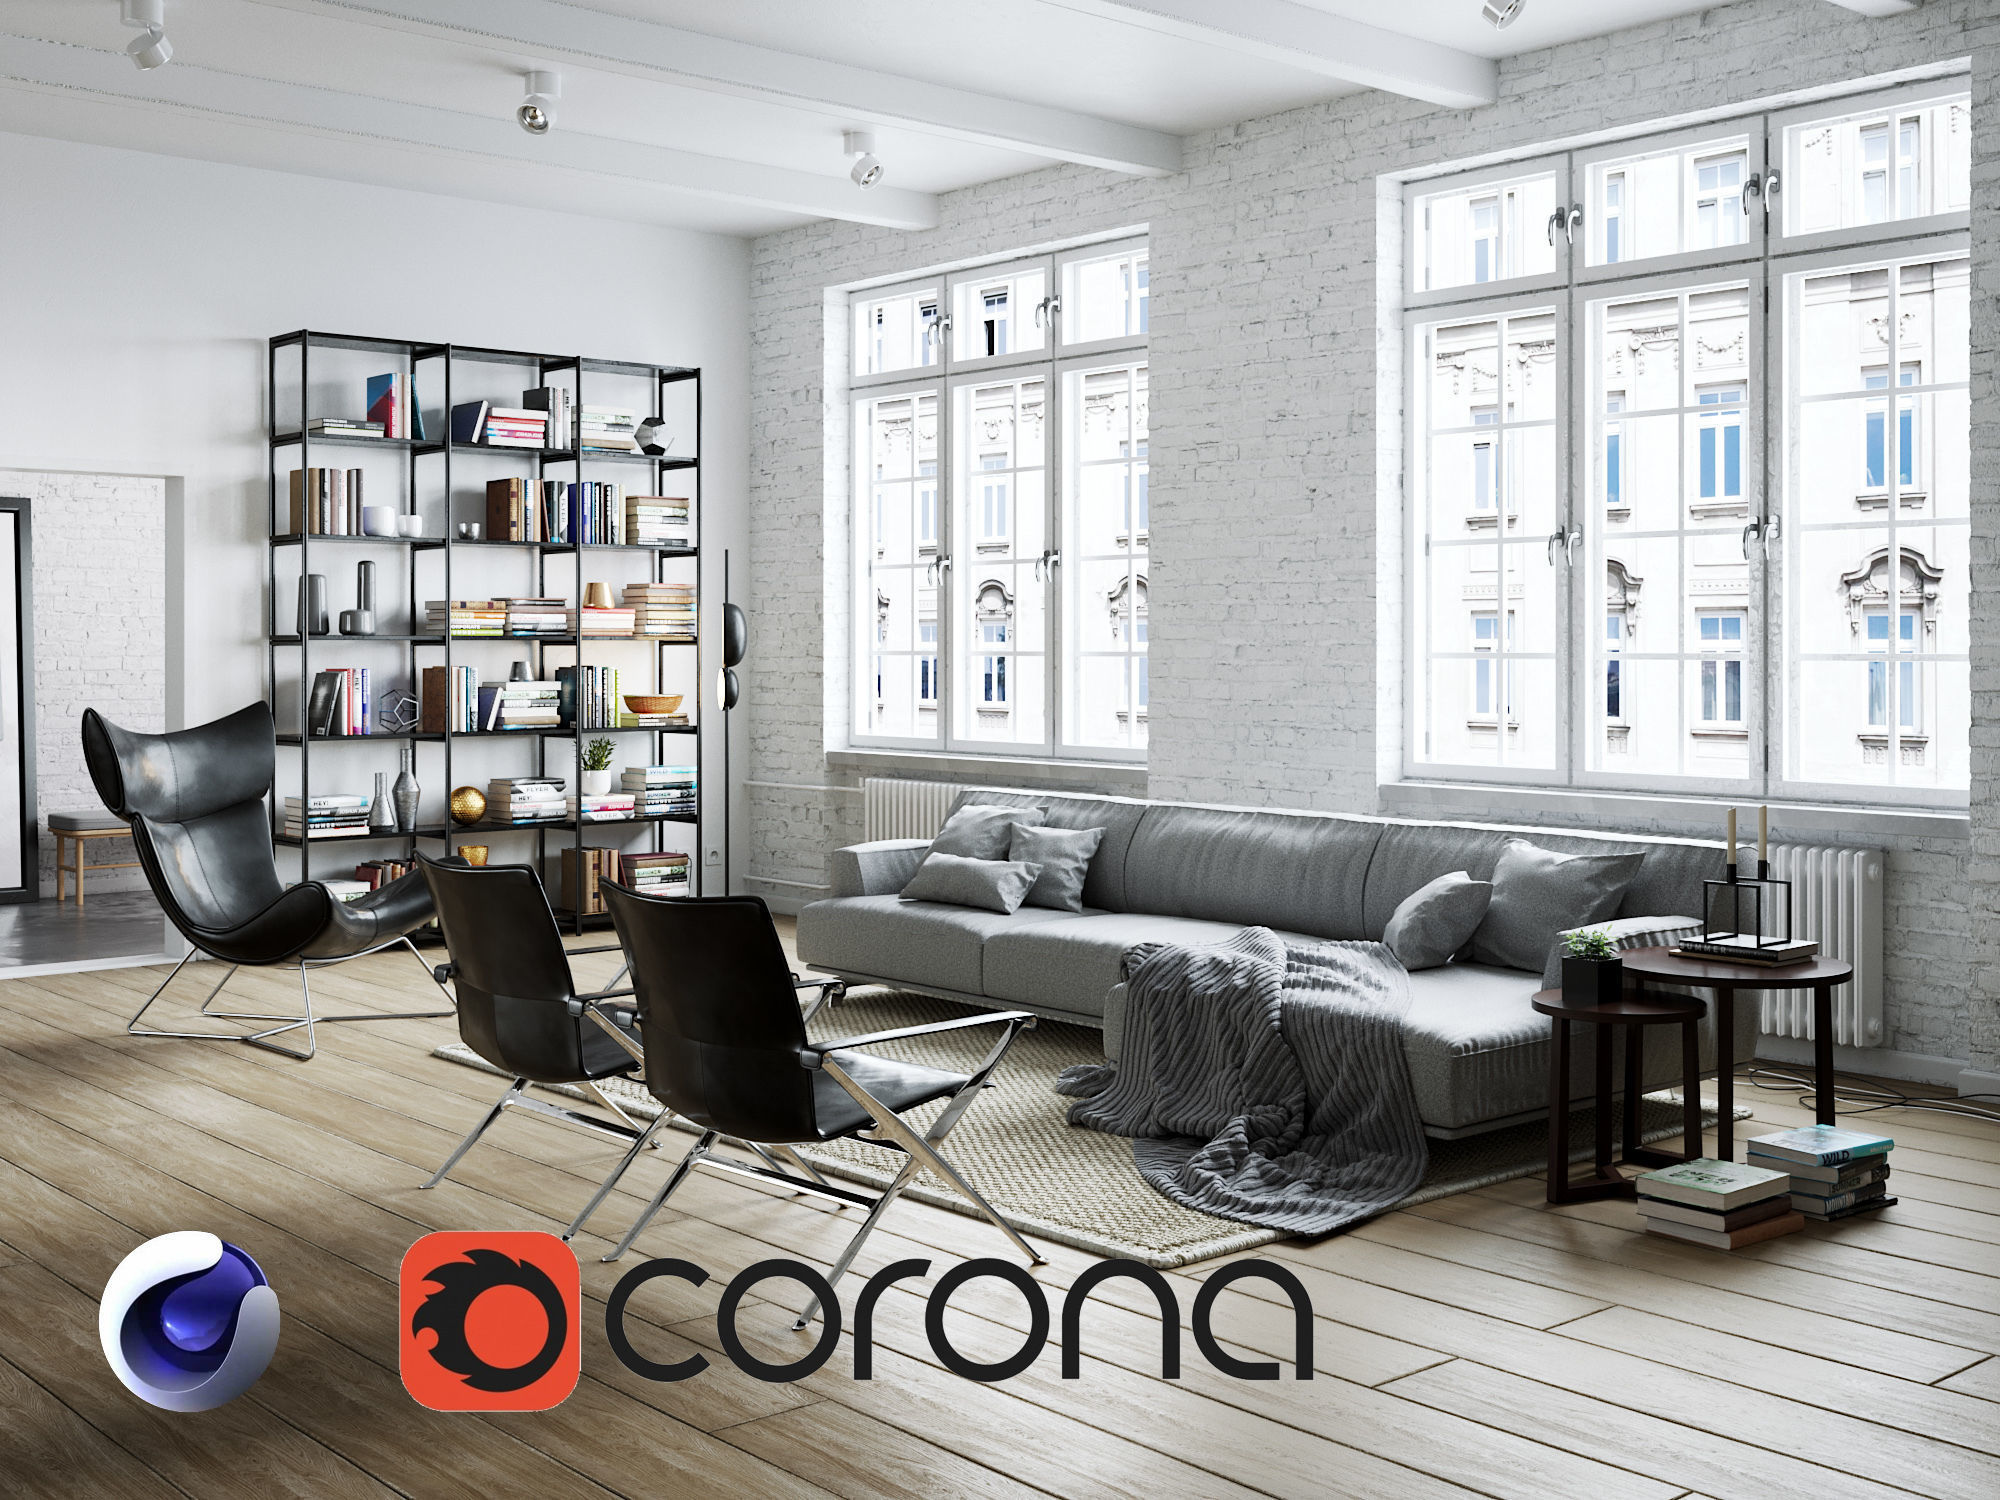 Living Room Interior Scene for Cinema 4D and Corona Renderer